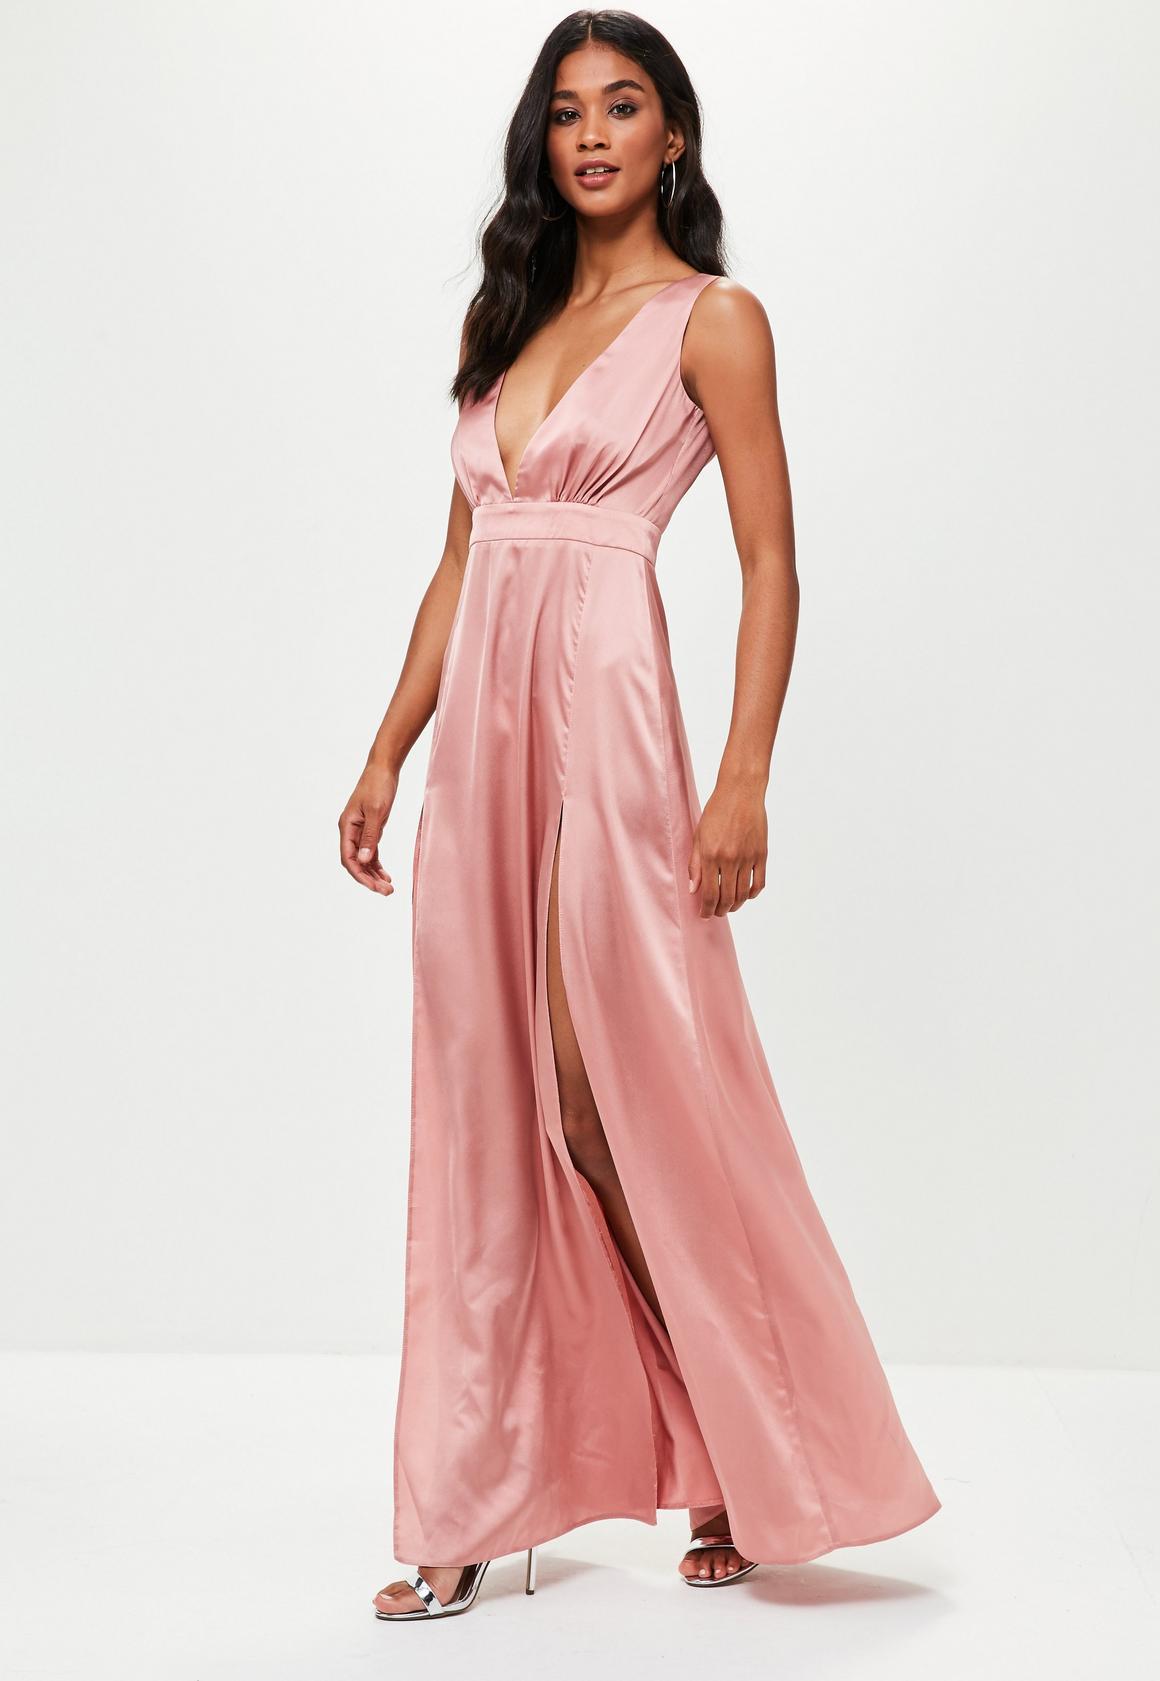 Missguided - Pink Plunge Double Split Front Satin Maxi Dress 373de629f